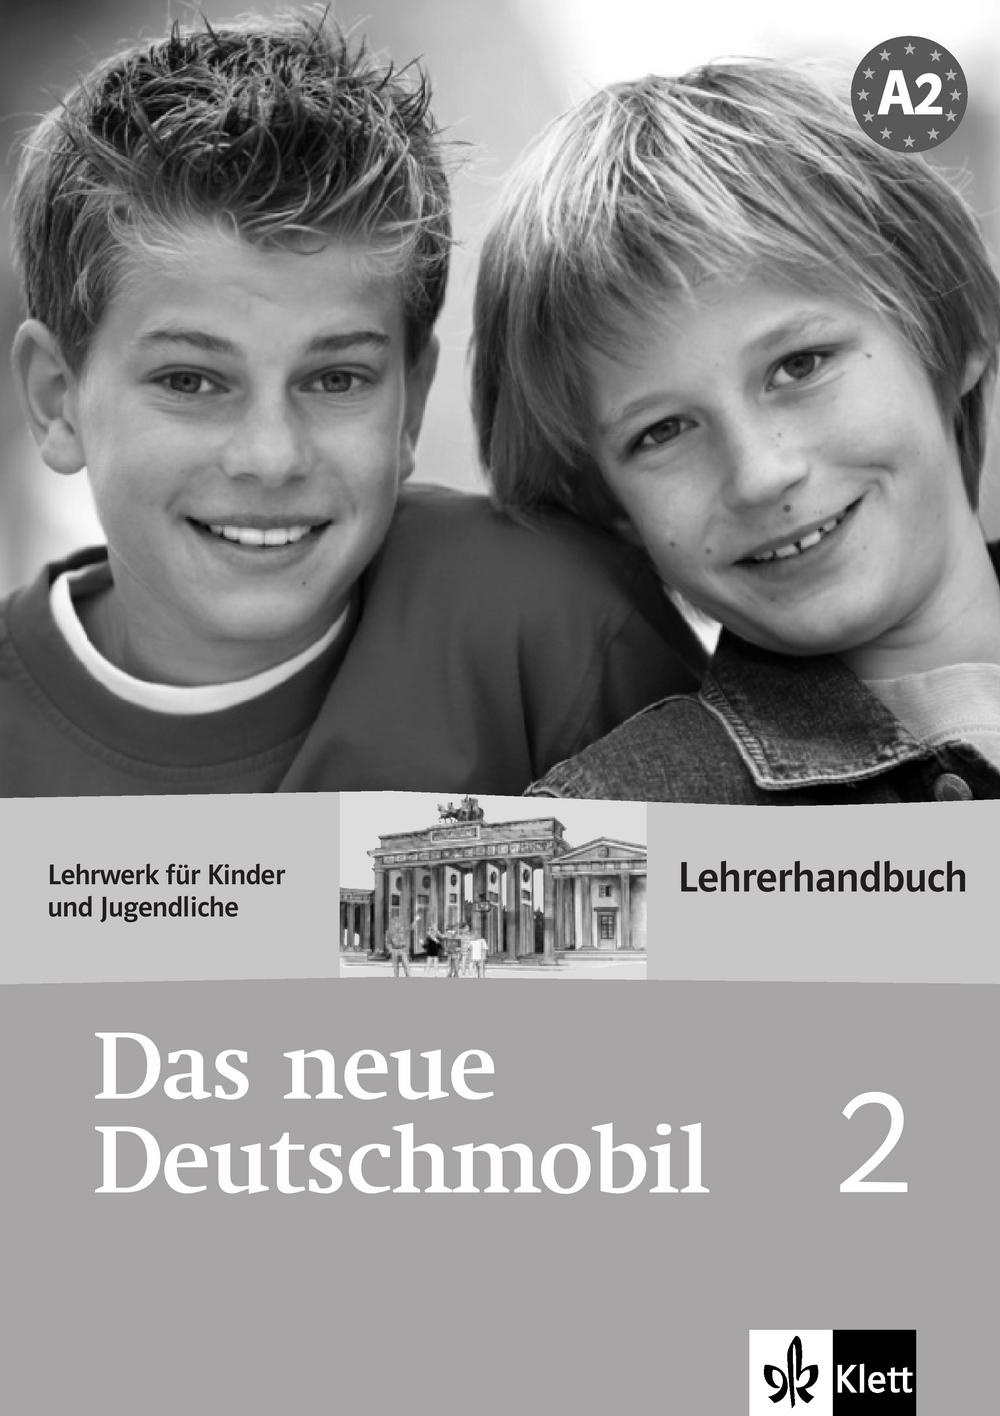 Das neue Deutschmobil